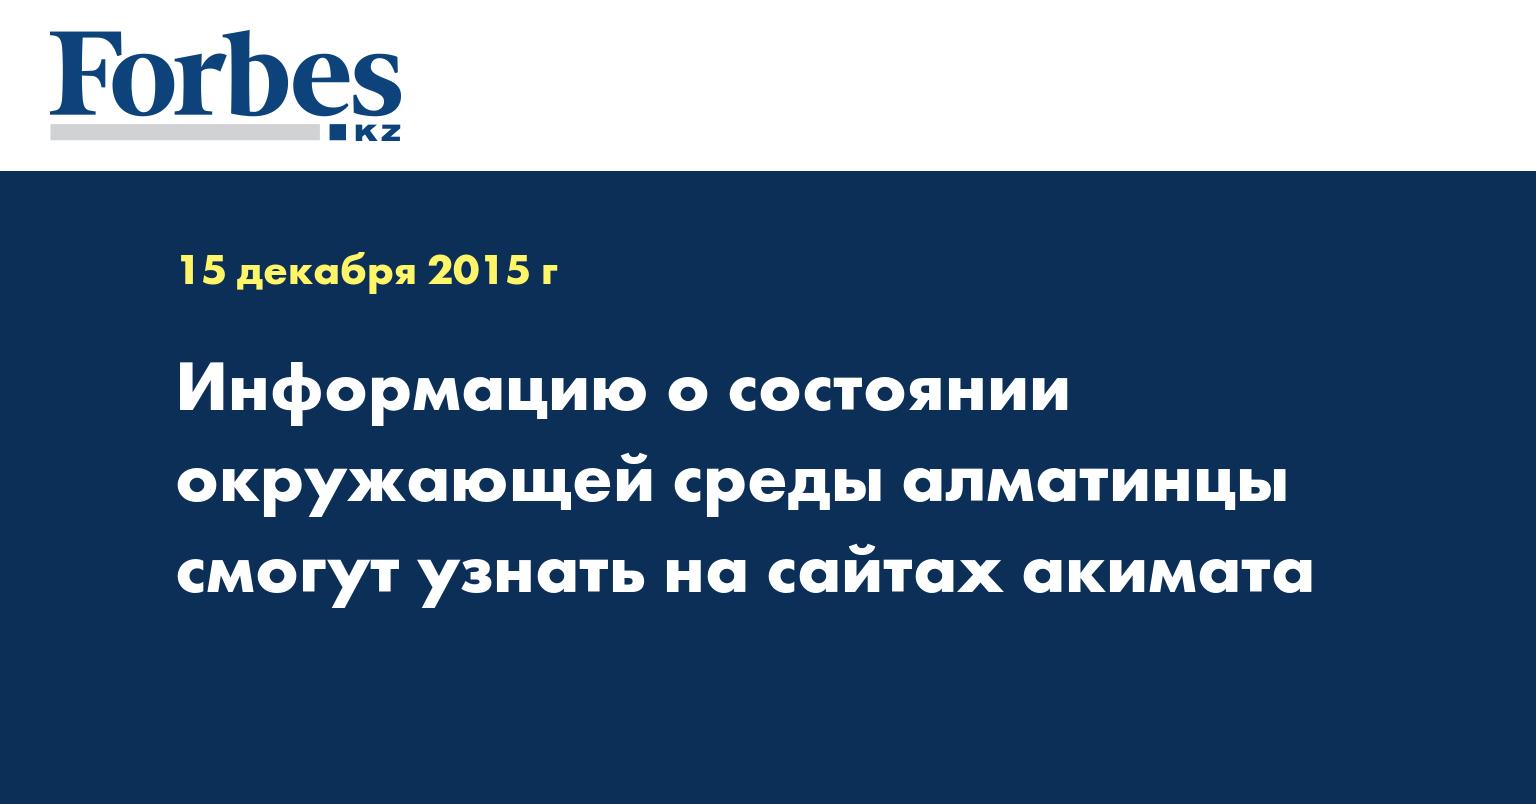 Информацию о состоянии окружающей среды алматинцы смогут узнать на сайтах акимата